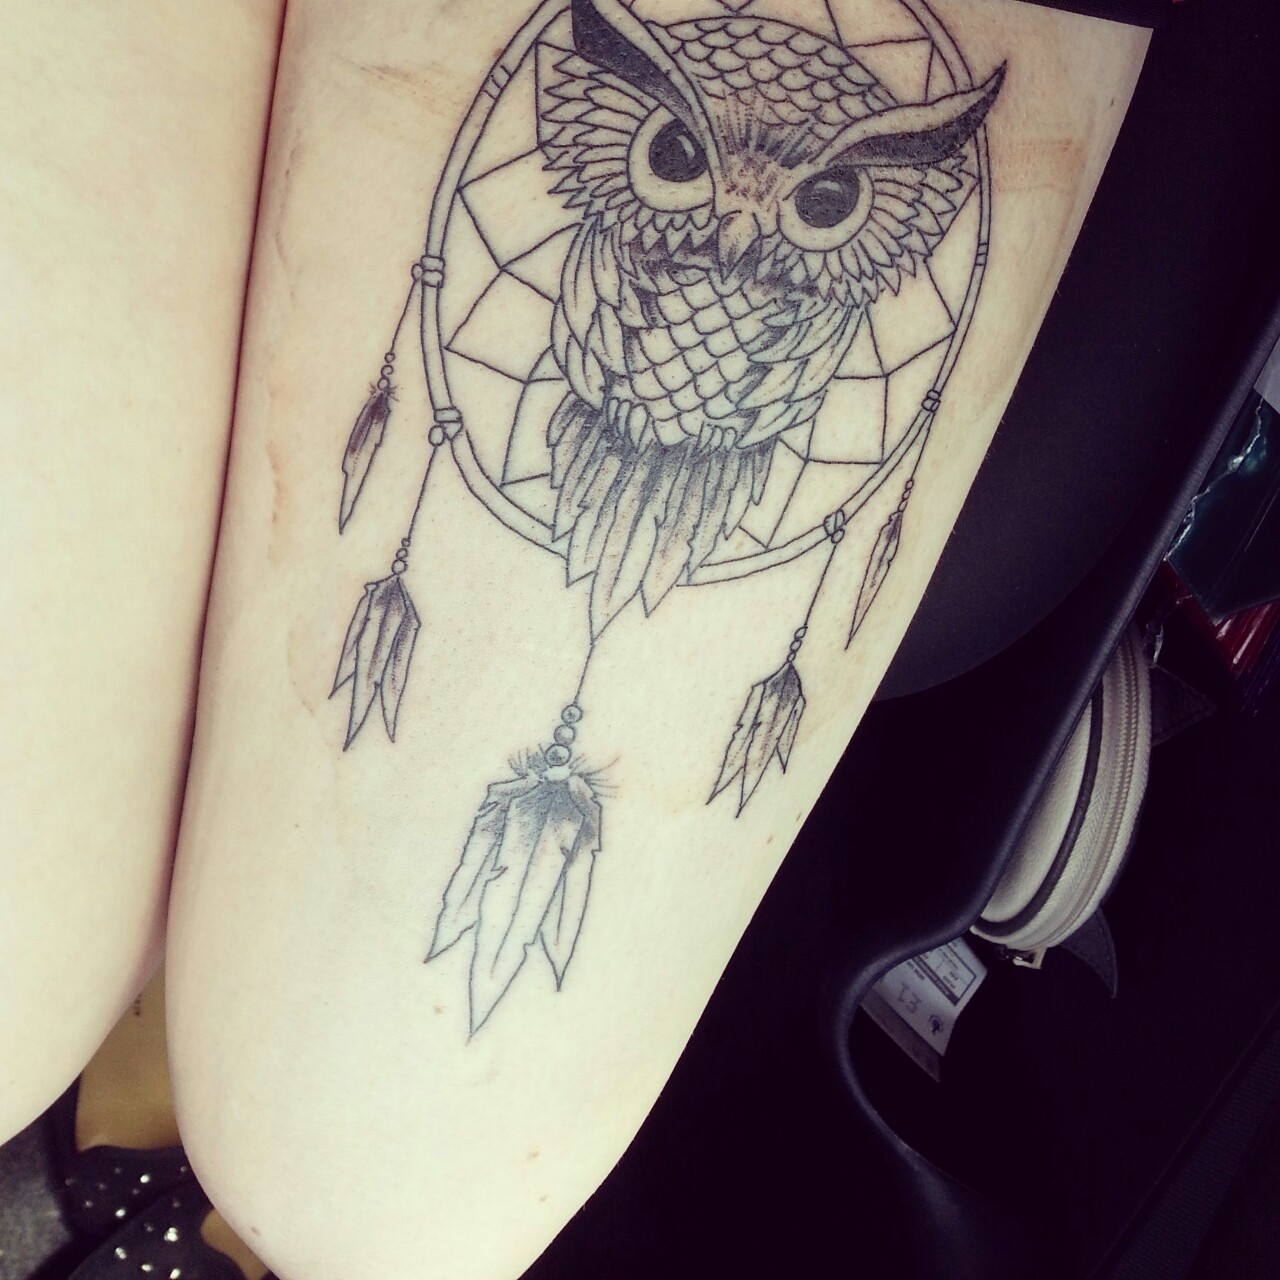 1001 id es de tatouage attrape r ve symbolique - Image attrape reve ...